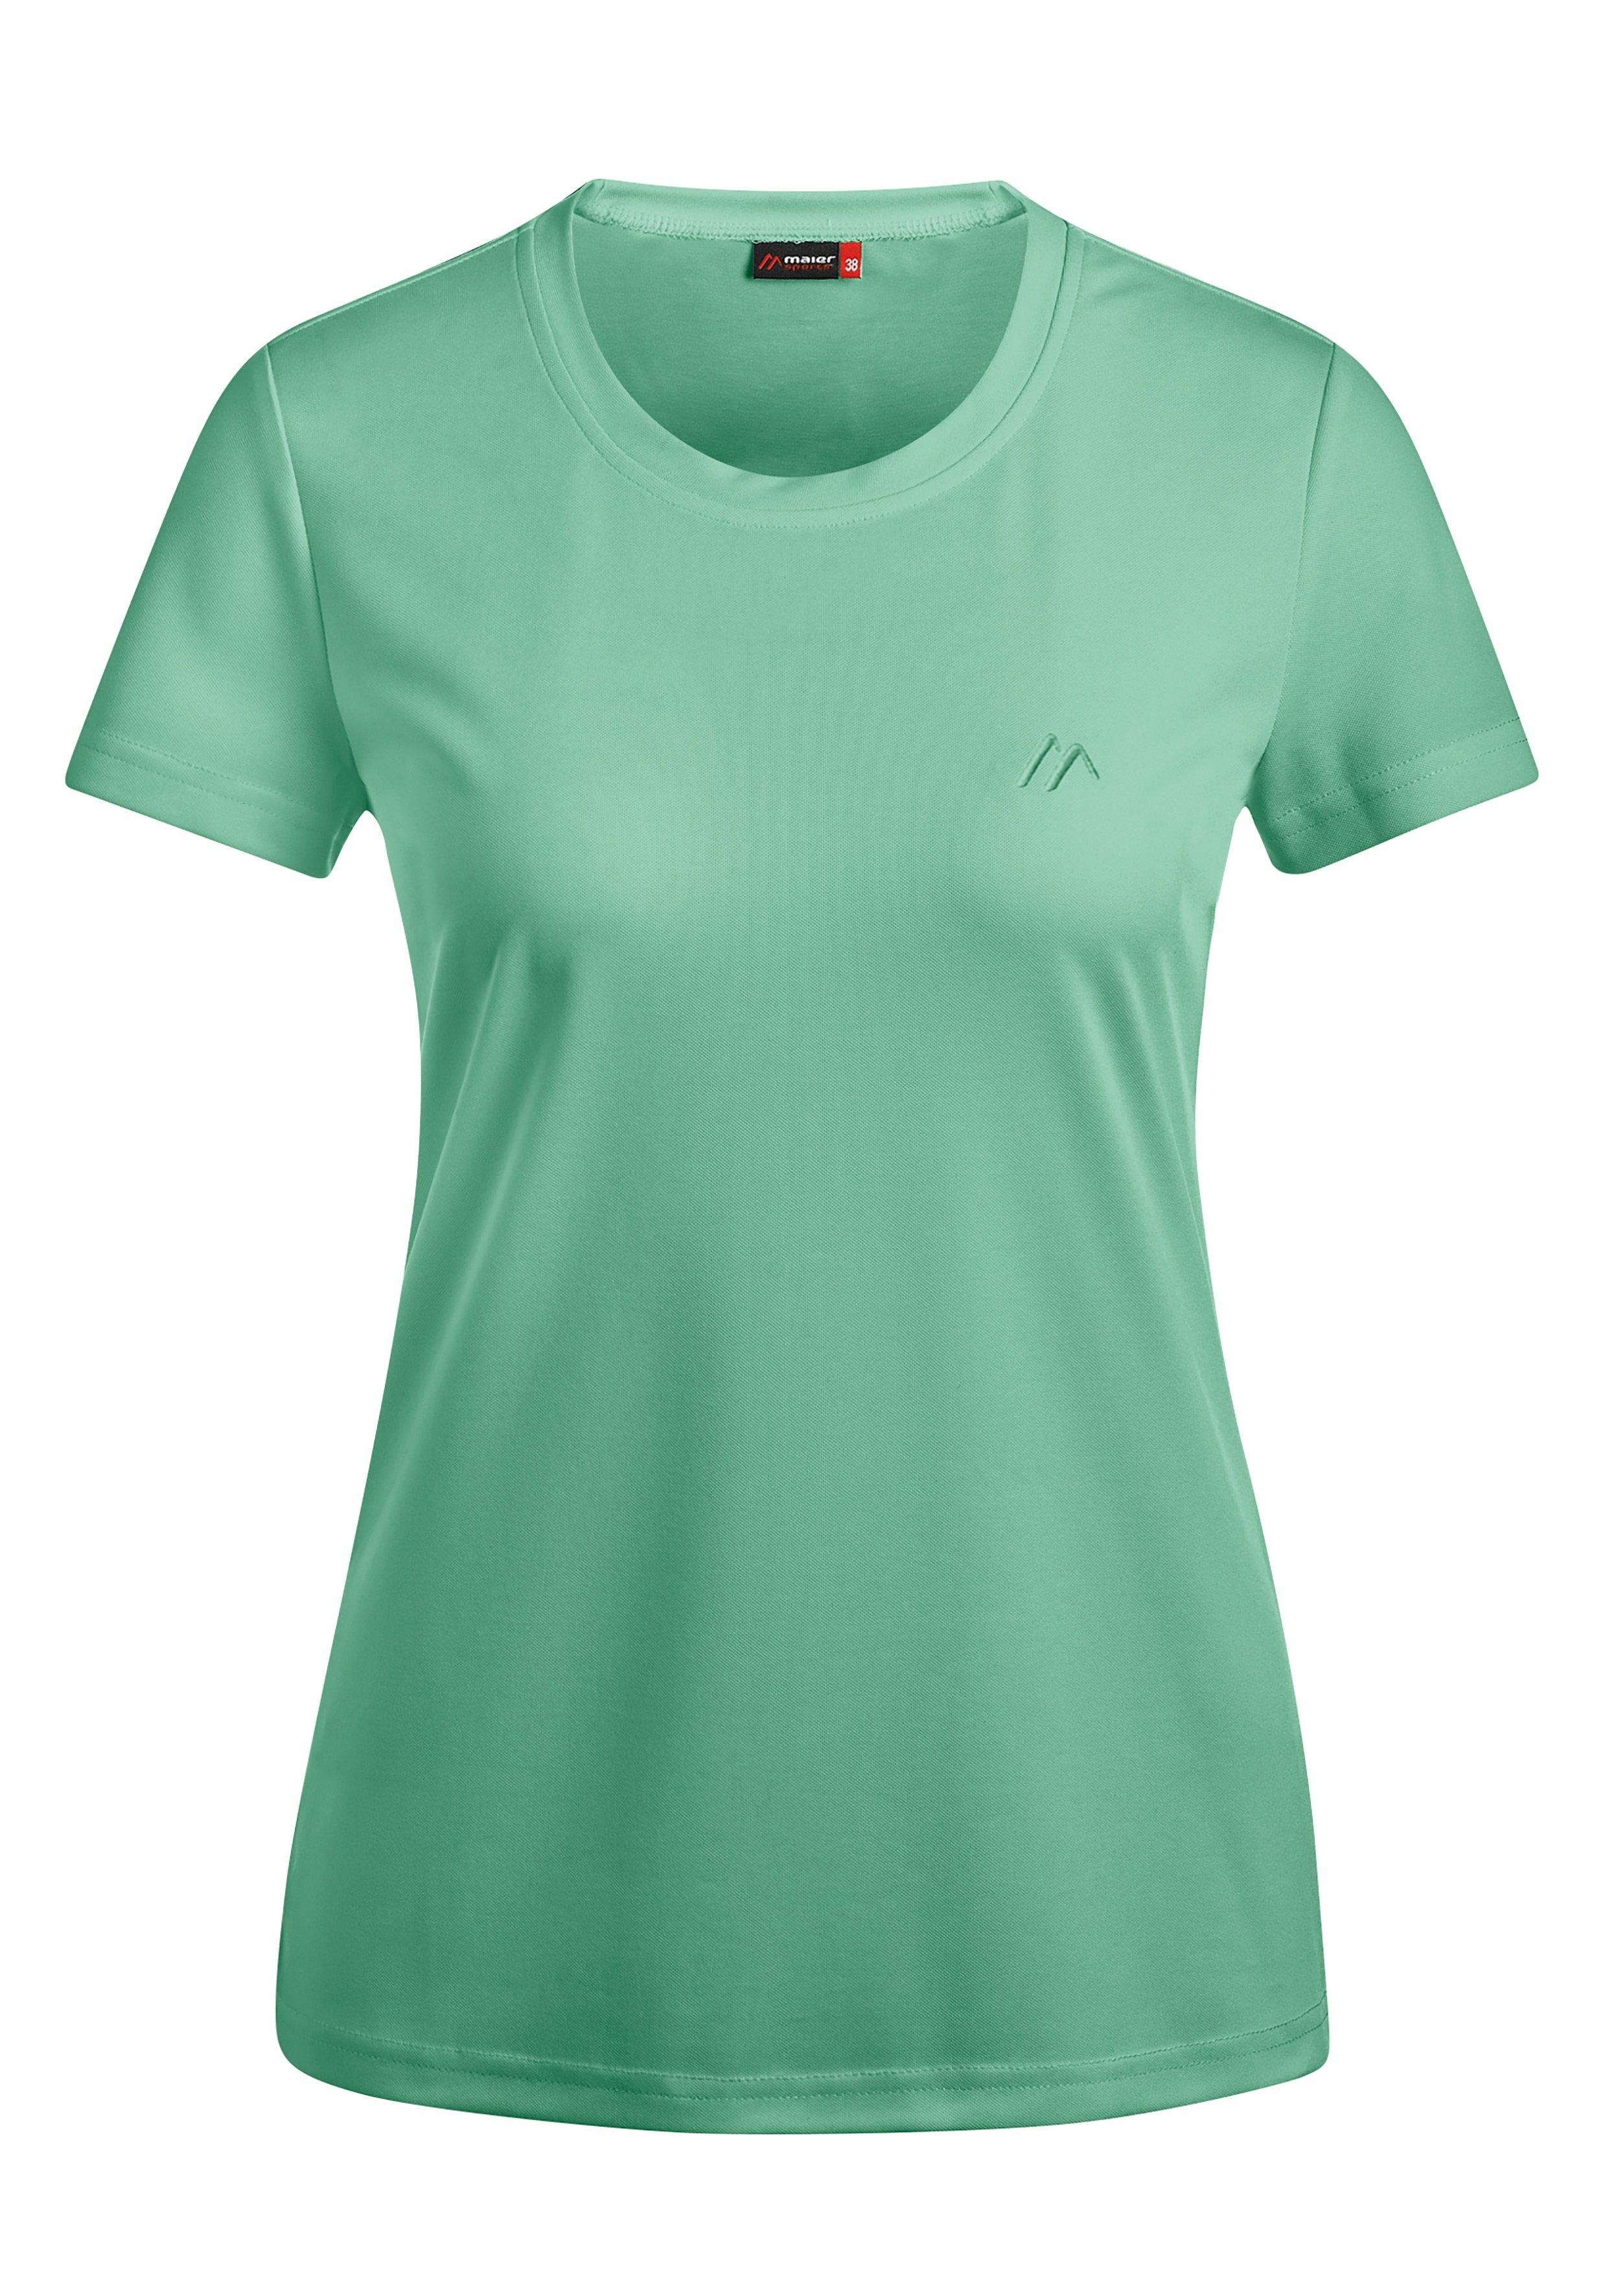 Maier Sports functioneel shirt Waltraud comfortabel en sneldrogend - gratis ruilen op otto.nl